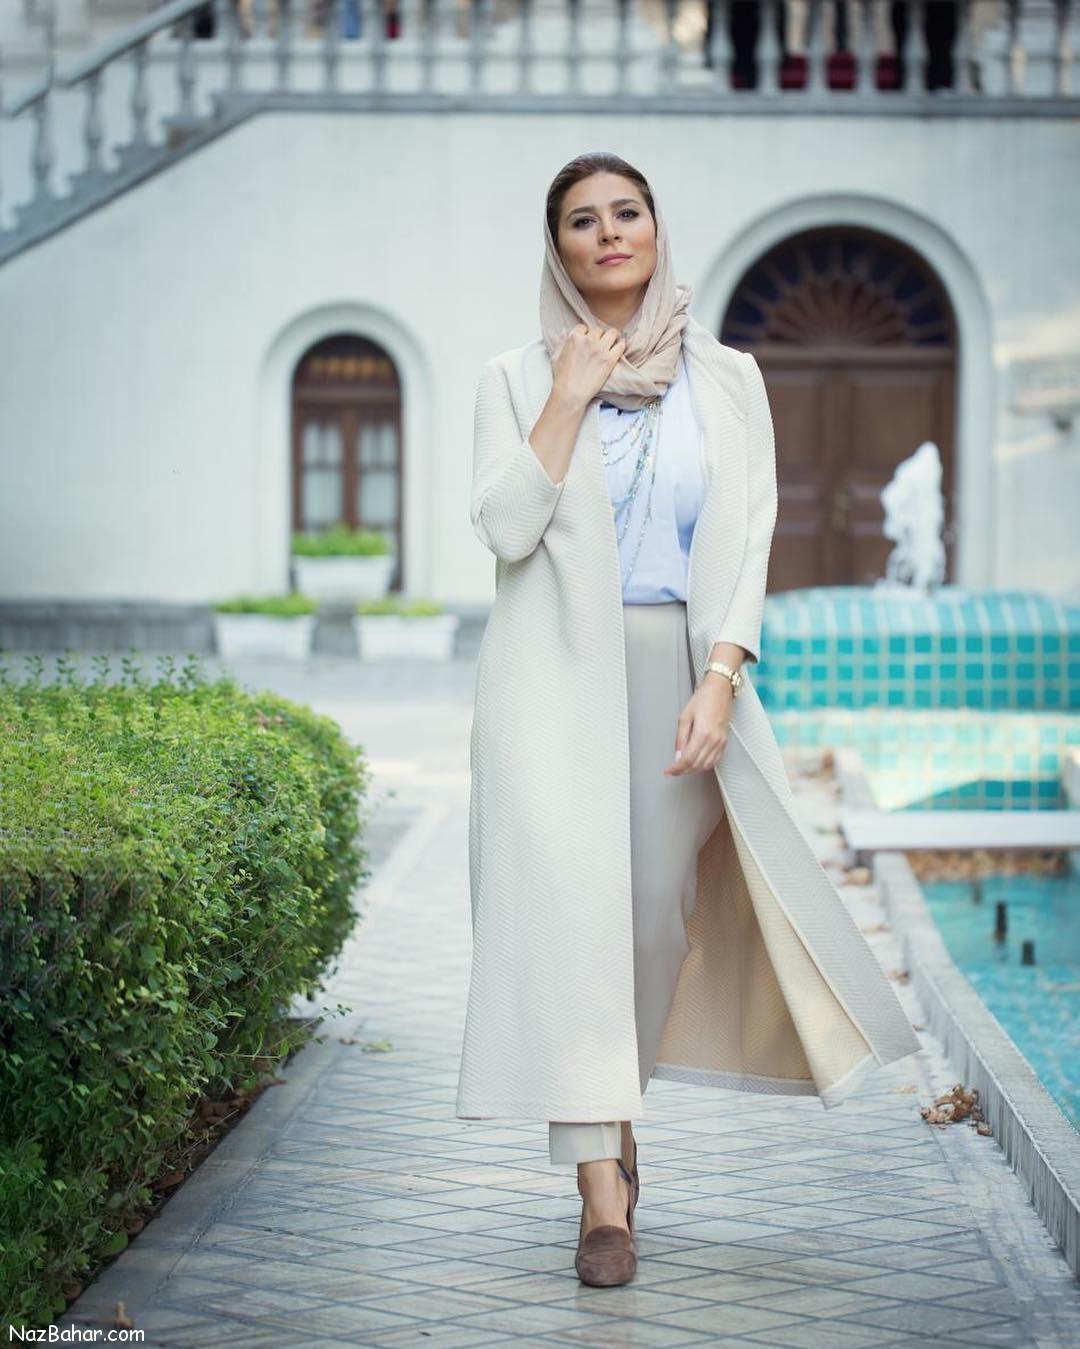 عکس های زیبا و جدید سحر دولتشاهی + بیوگرافی